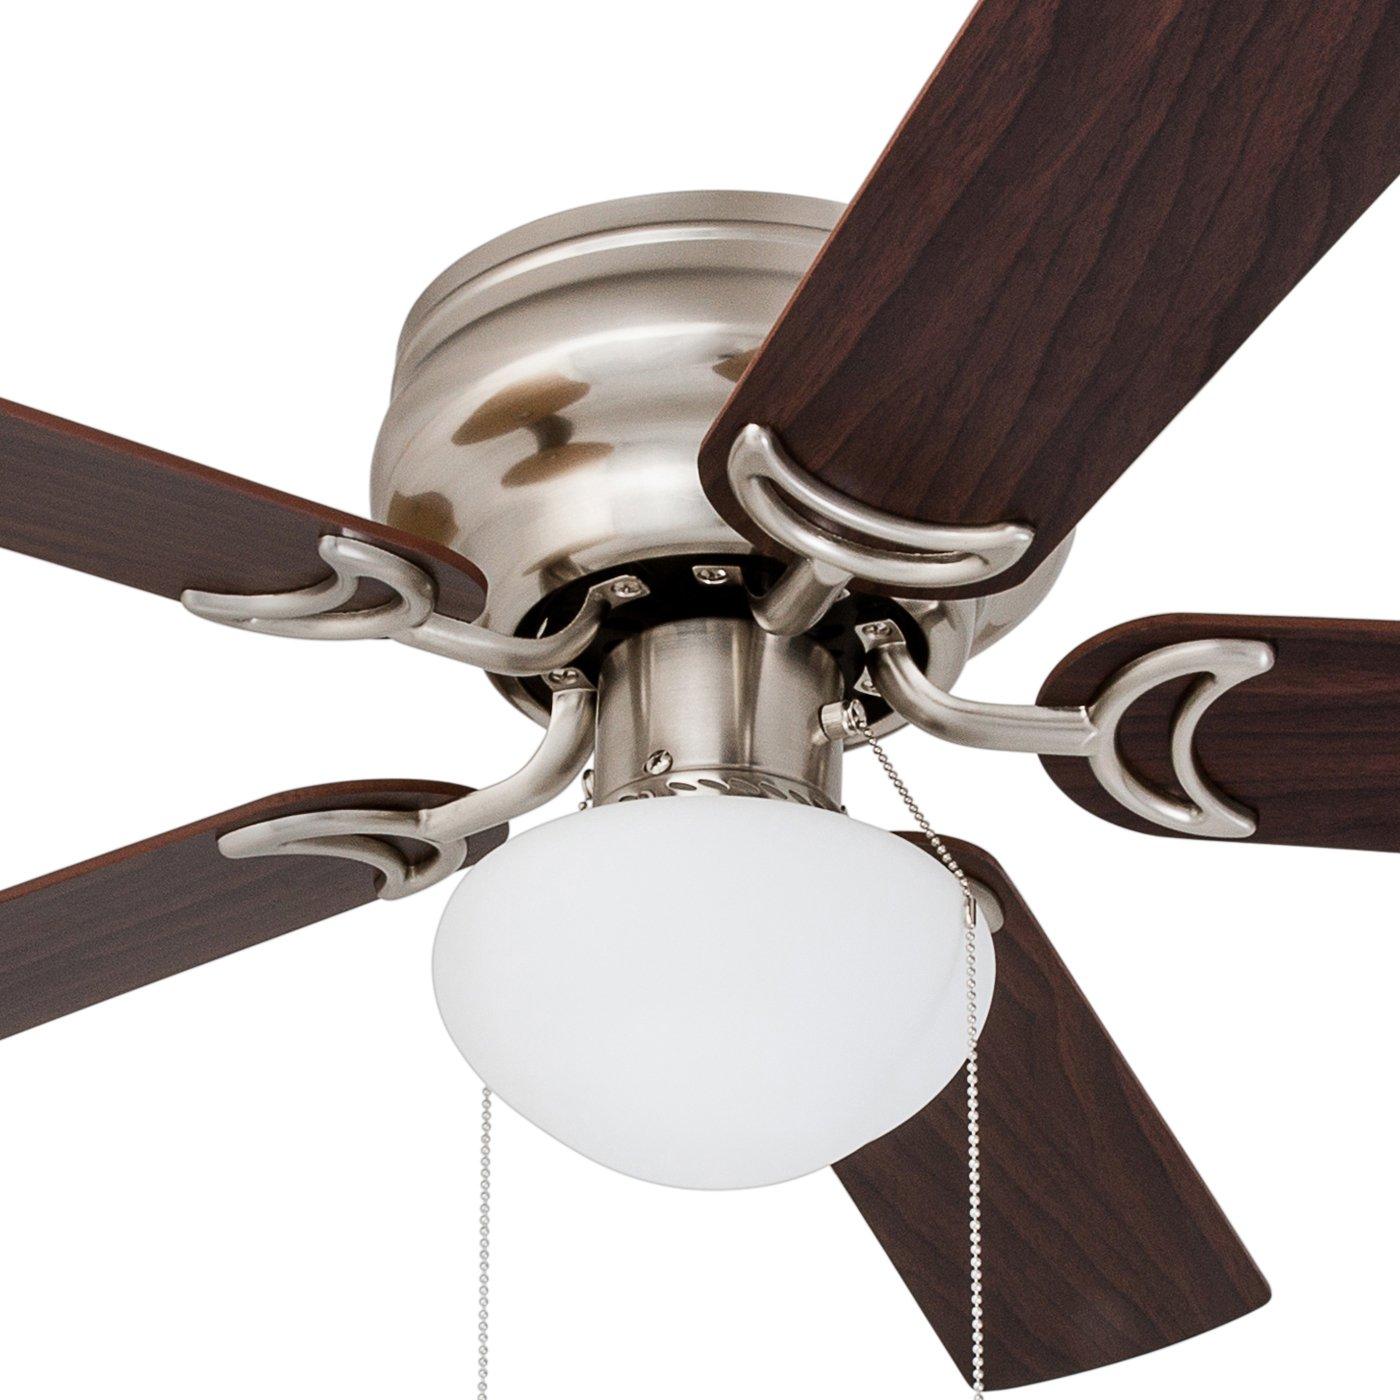 Prominence Home 80092-01 Alvina Ceiling Fan Farmhouse White LED Globe Light Hugger//Low Profile 42 Barnwood // White Blades